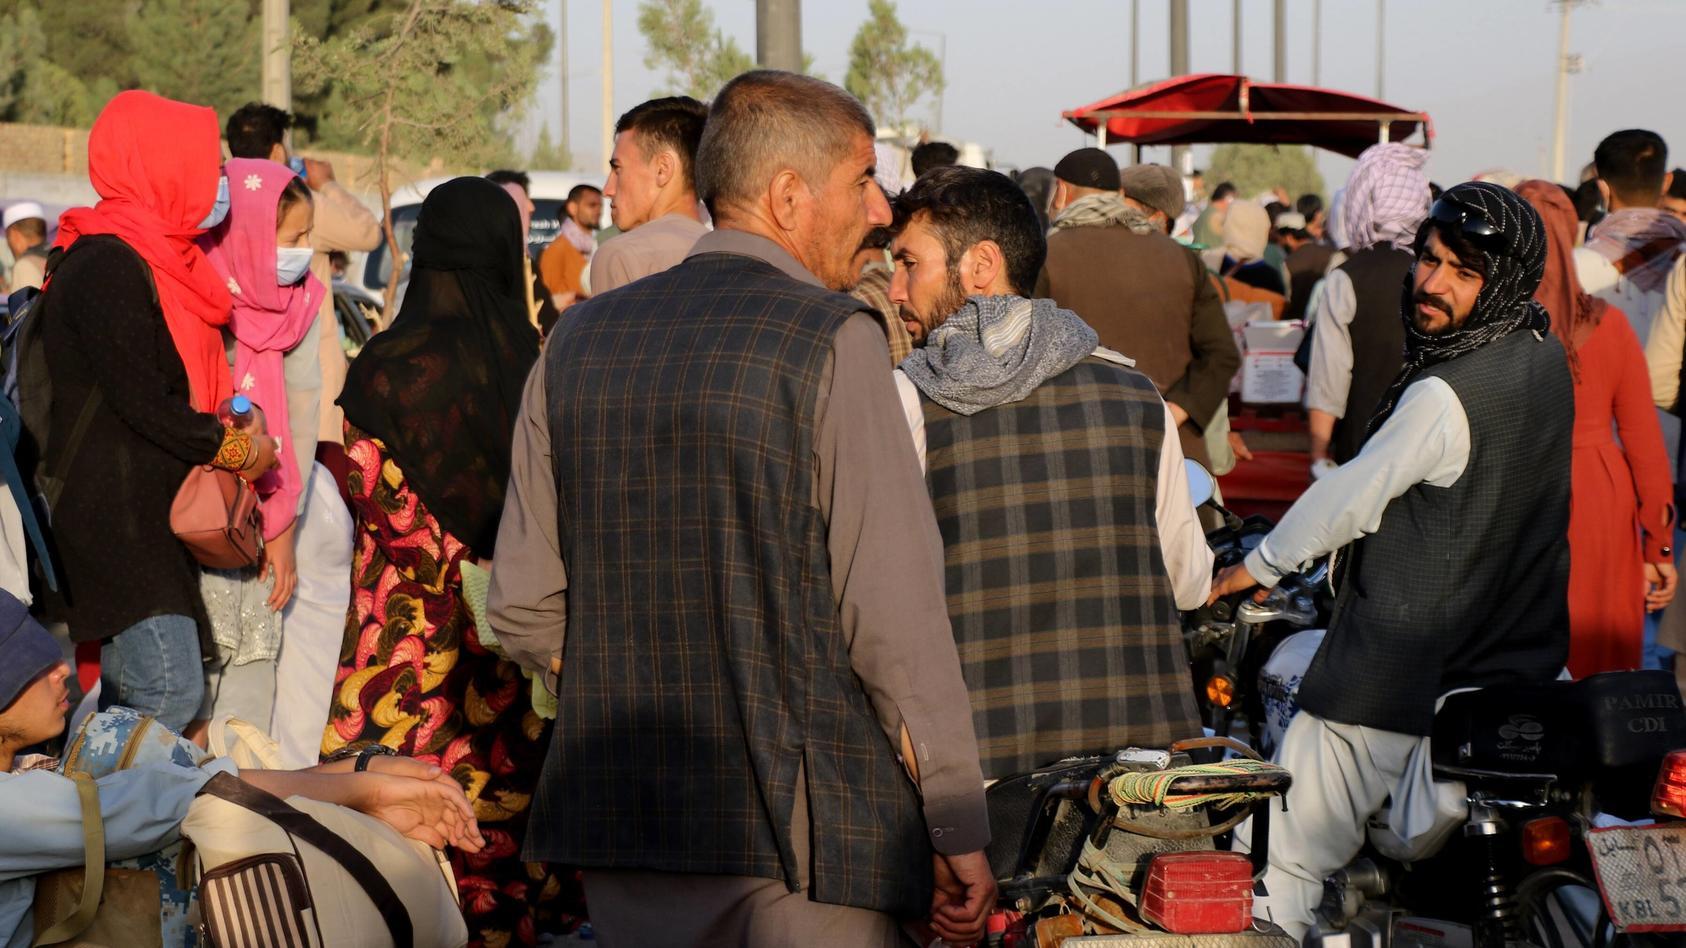 Für die im Land gebliebenen Afghanen dürfte die Nahrung Ende September knapp werden, so die Vereinigten Nationen.